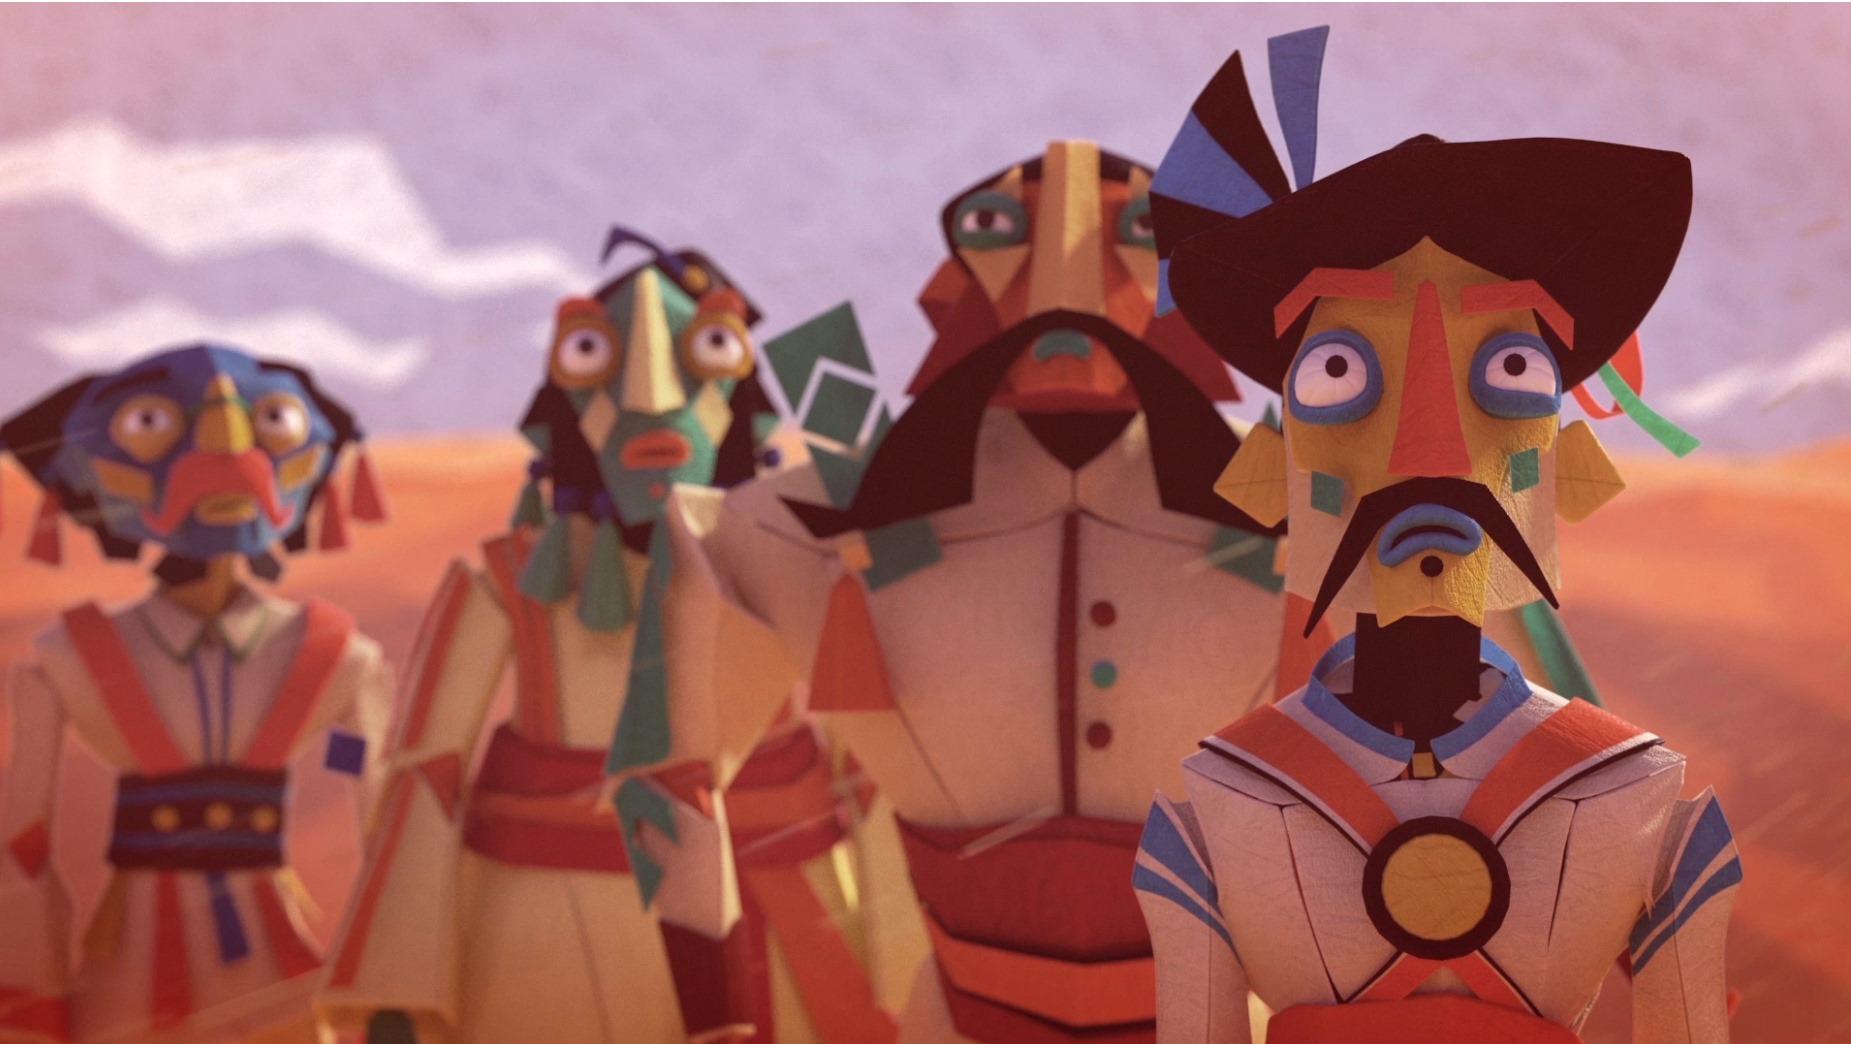 """scurtmetrajul animat """"opinci"""" scoate la lumina povestea unei calatorii extraordinare Scurtmetrajul animat """"Opinci"""" scoate la lumina povestea unei calatorii extraordinare #makingof #cronica #video Opinci 10"""